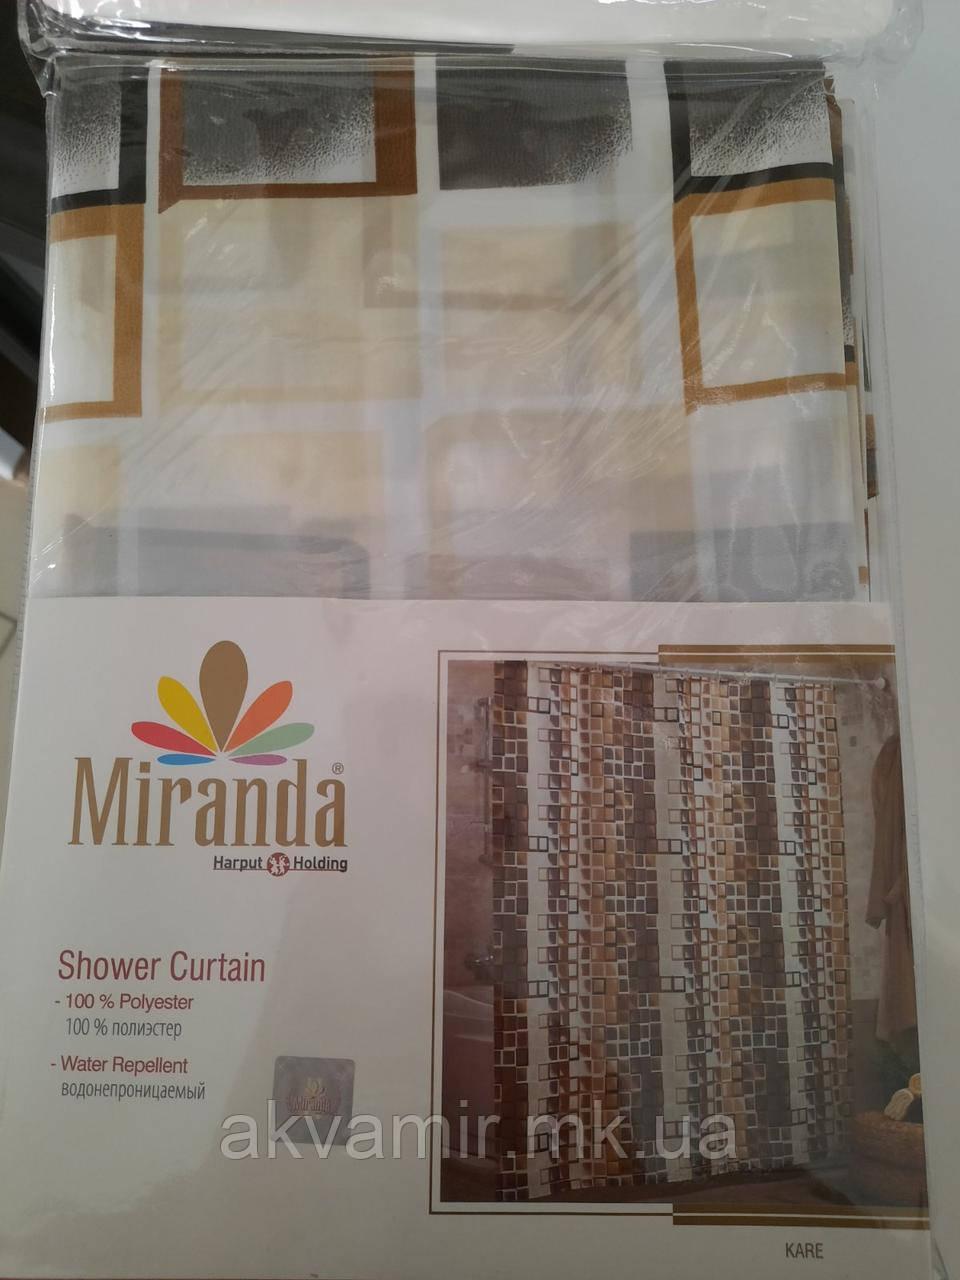 Штора для ванної Miranda KARE (Туреччина) 180х200 см бежево/коричнева